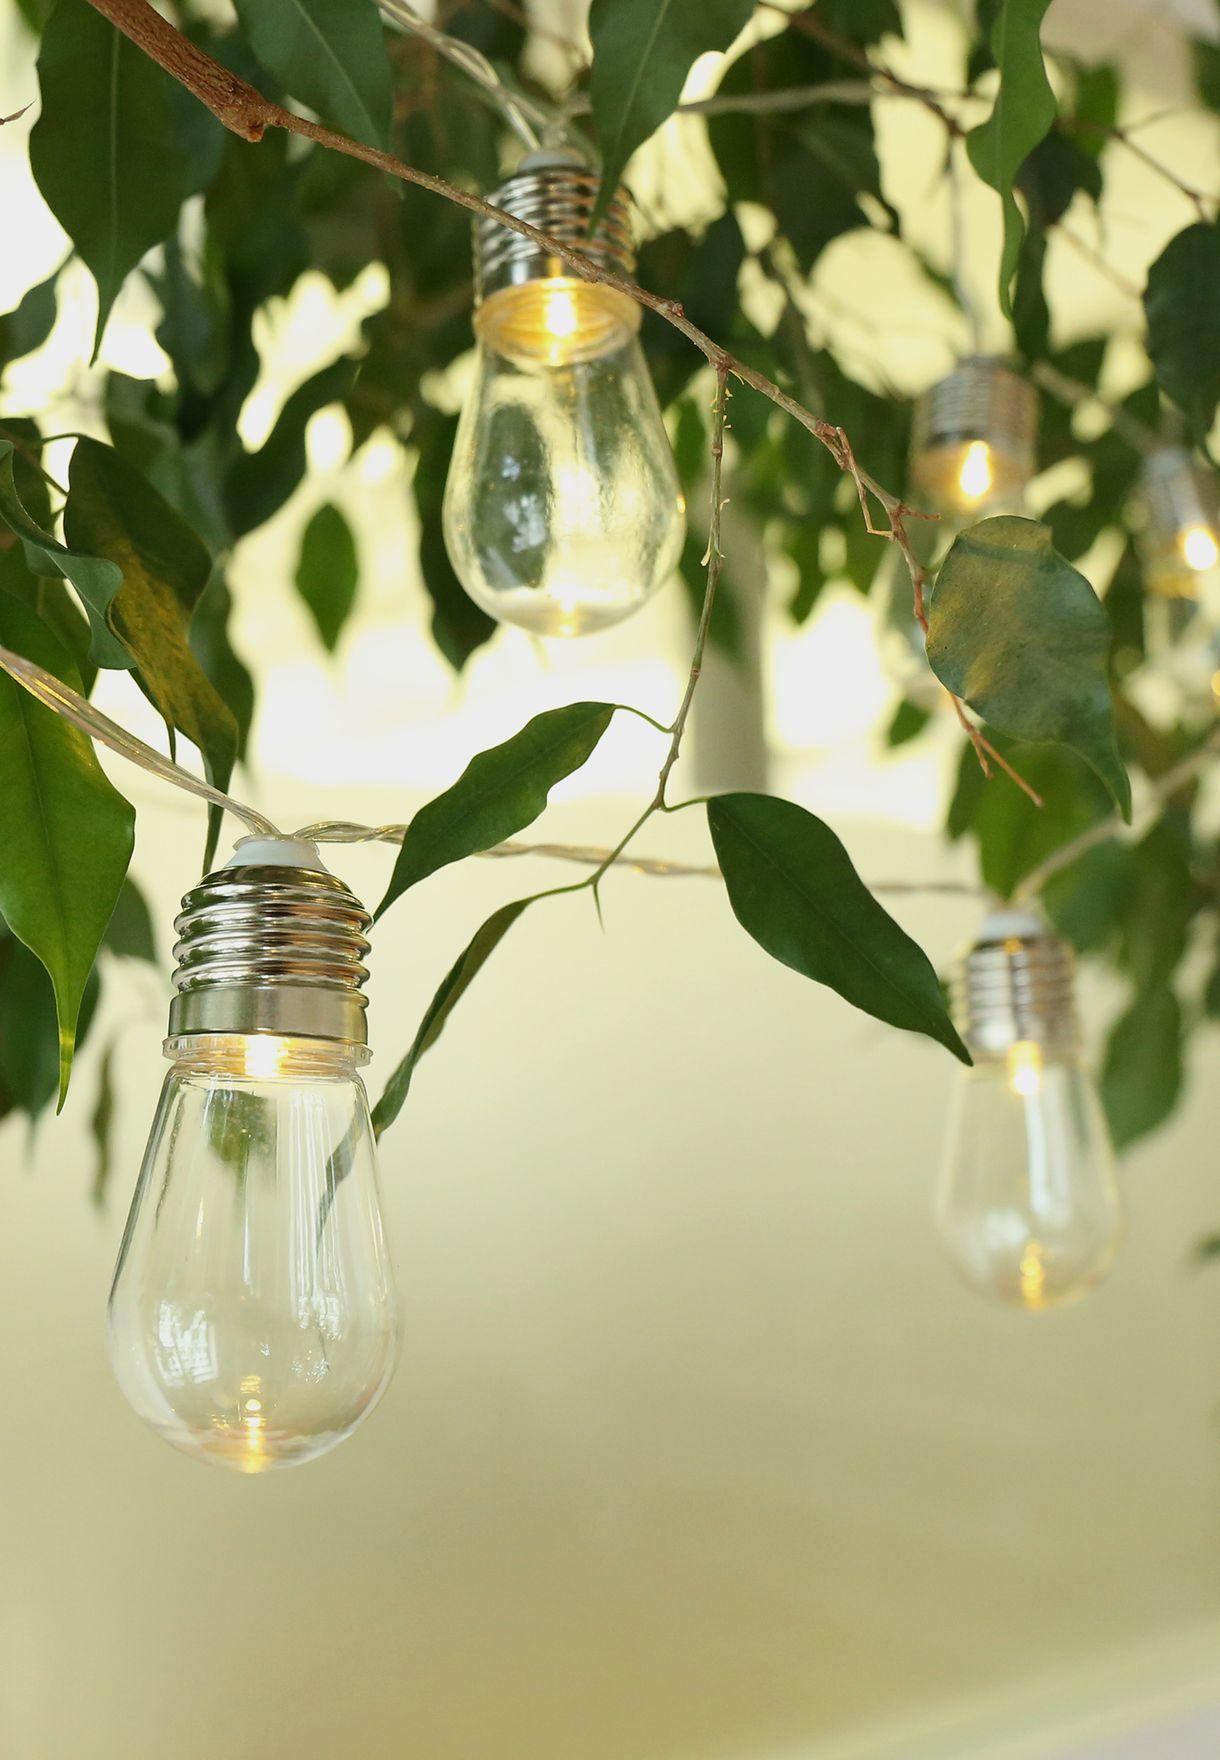 ديكور من مجموعة اضواء LED